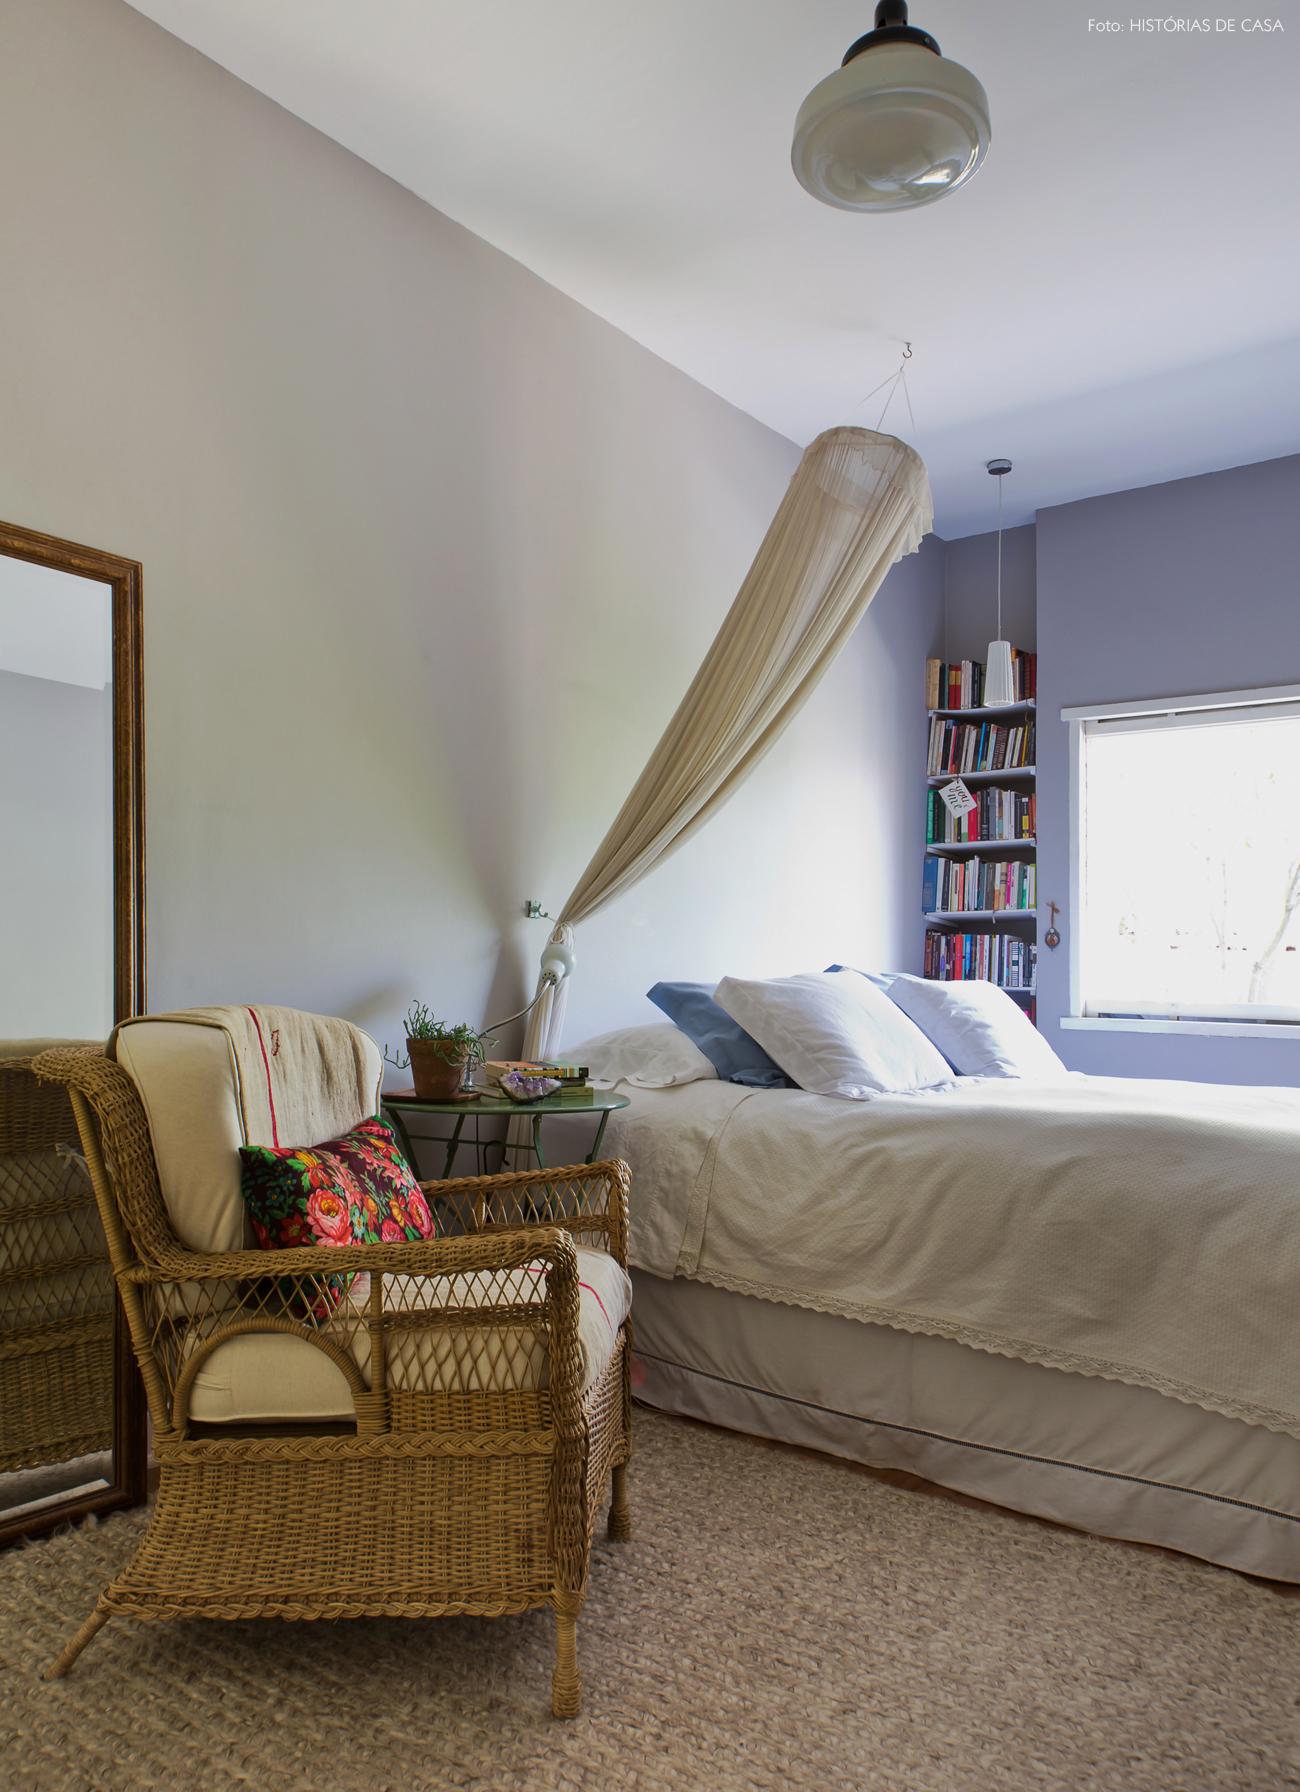 39-decoracao-quarto-casal-parede-cinza-mosquiteiro-cama